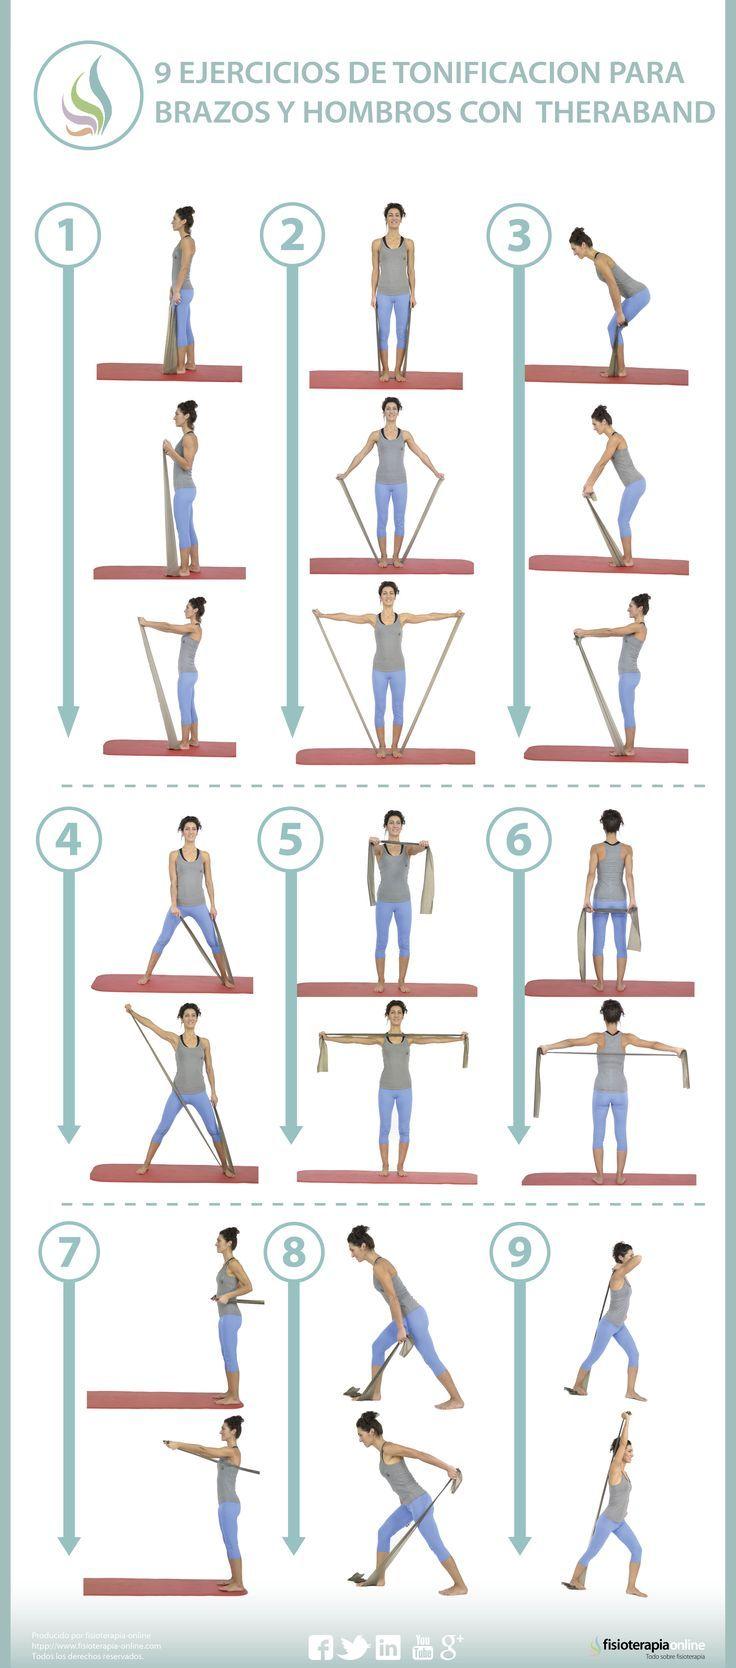 Awesome!! Aprende a tonificar y potenciar tus brazos y hombros con theraband